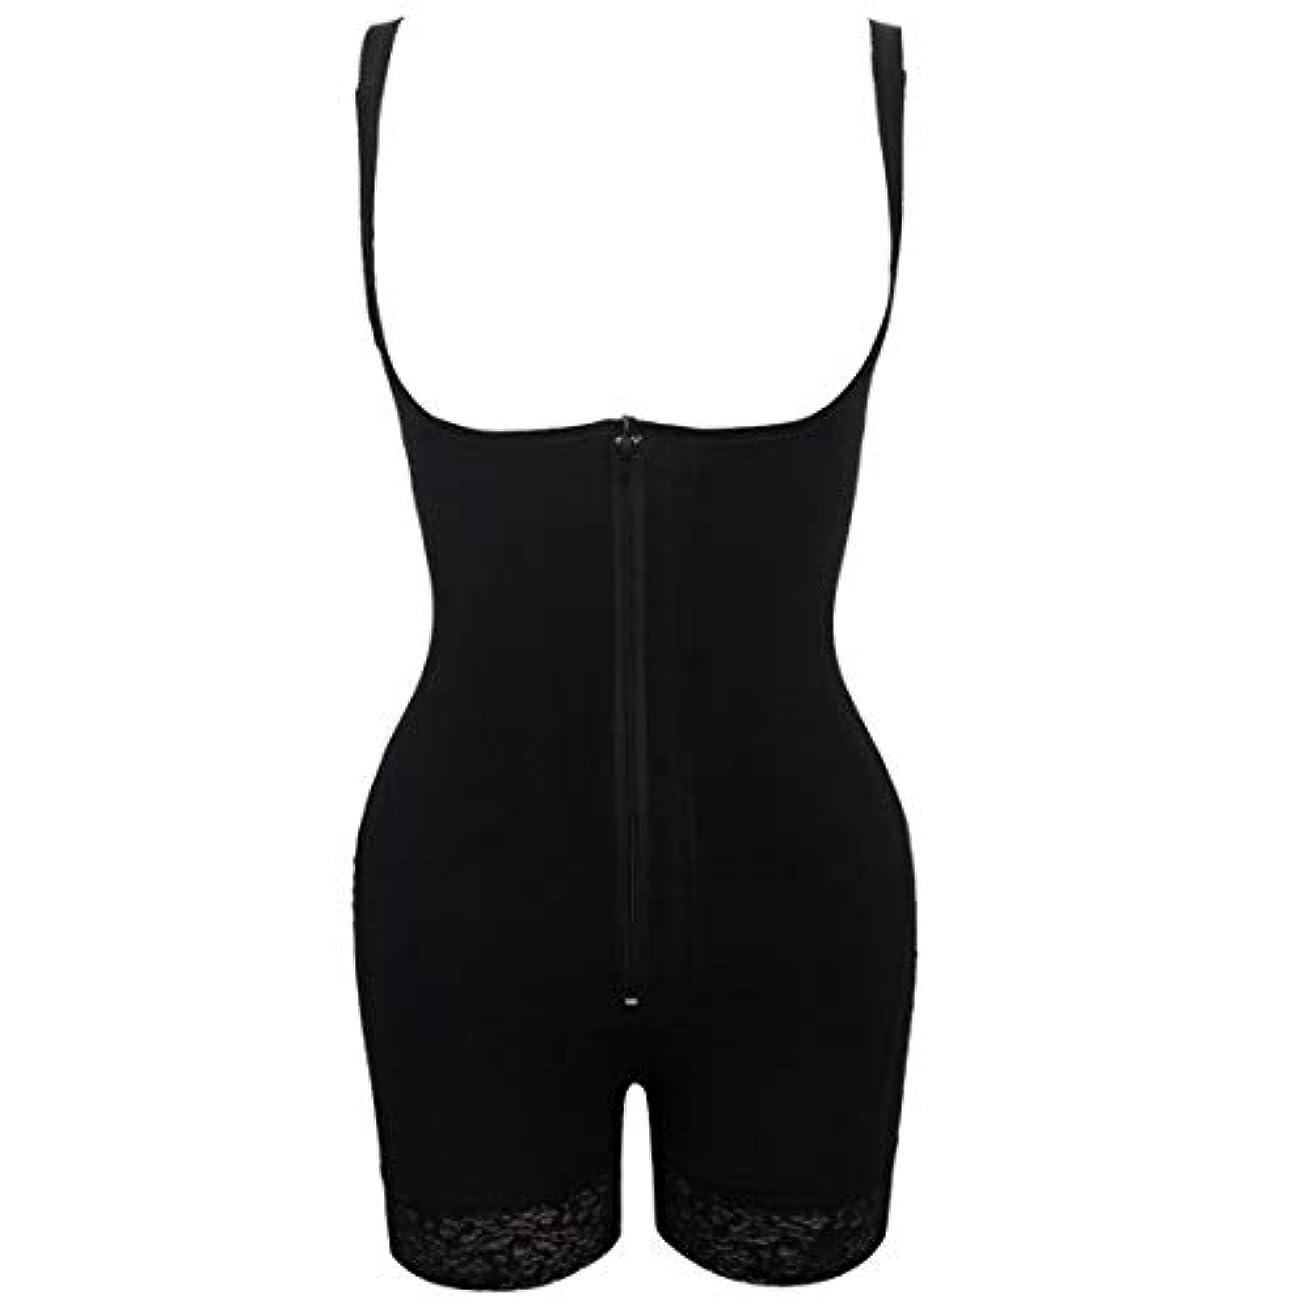 セブン交換脊椎プラグサイズ女性スリムアンダーウェアボディスーツシェイプウェアレディーアンダーバストボディシェイパー ランジェリープラスサイズウエストトレーナー-ブラック-S